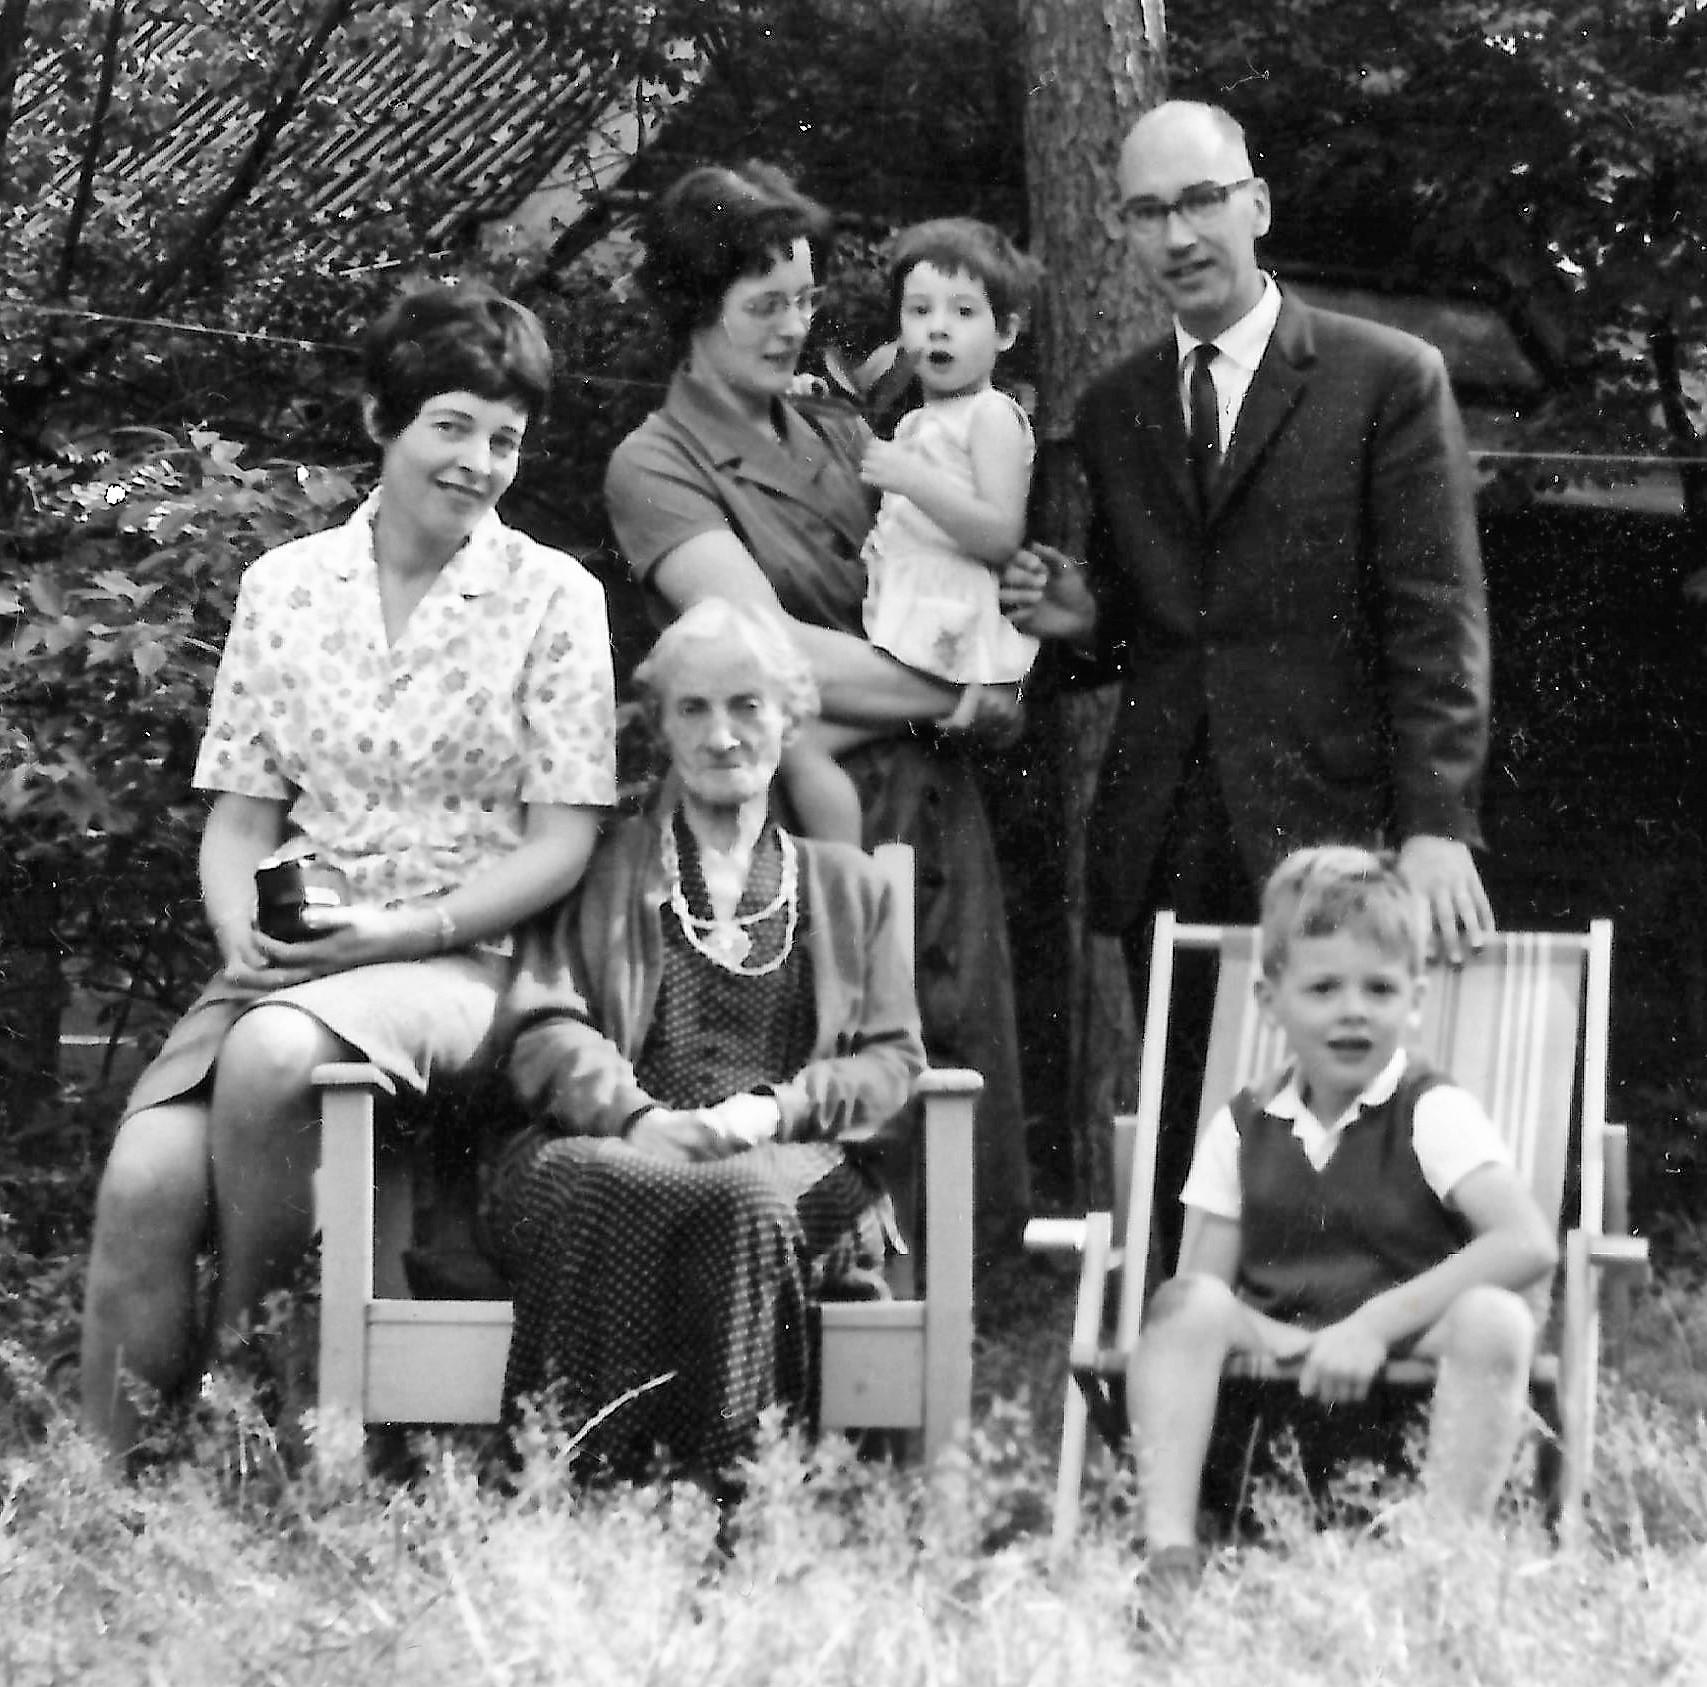 Het gezin van Ada in 1964 met haar oma Helena Schoenmakers - de Graaf (1878-1965) in Hilversum. Links Ada's zus Heleen.